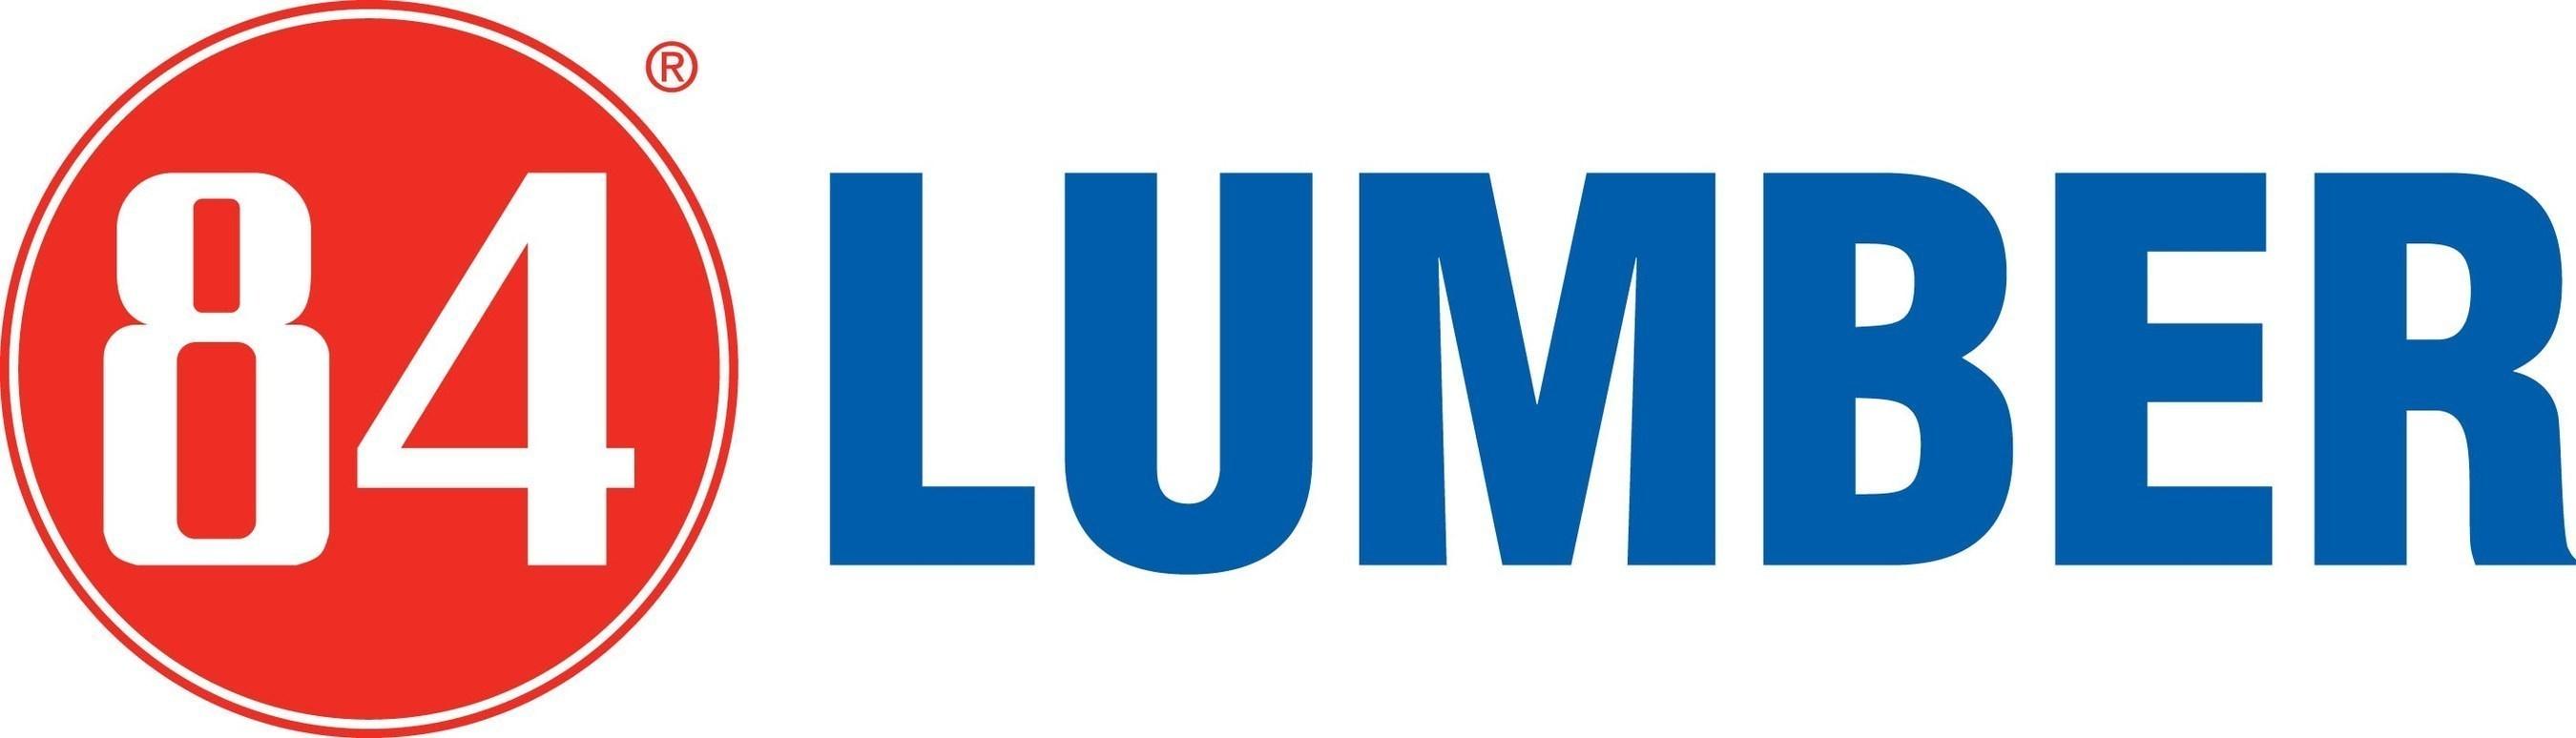 84 Lumber Logo.